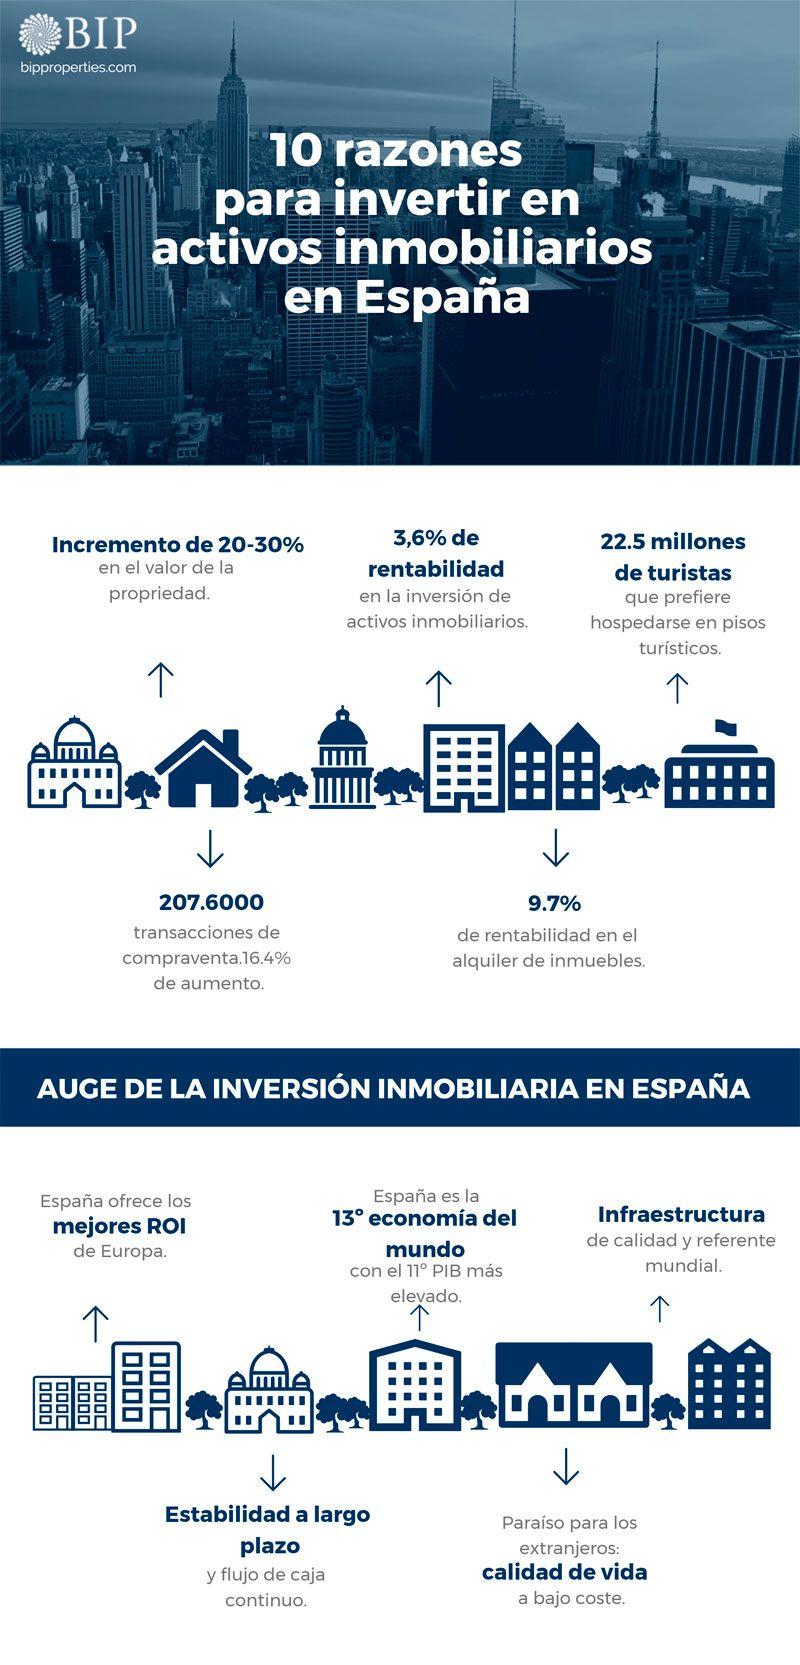 10 razones para invertir en activos inmobiliarios en España